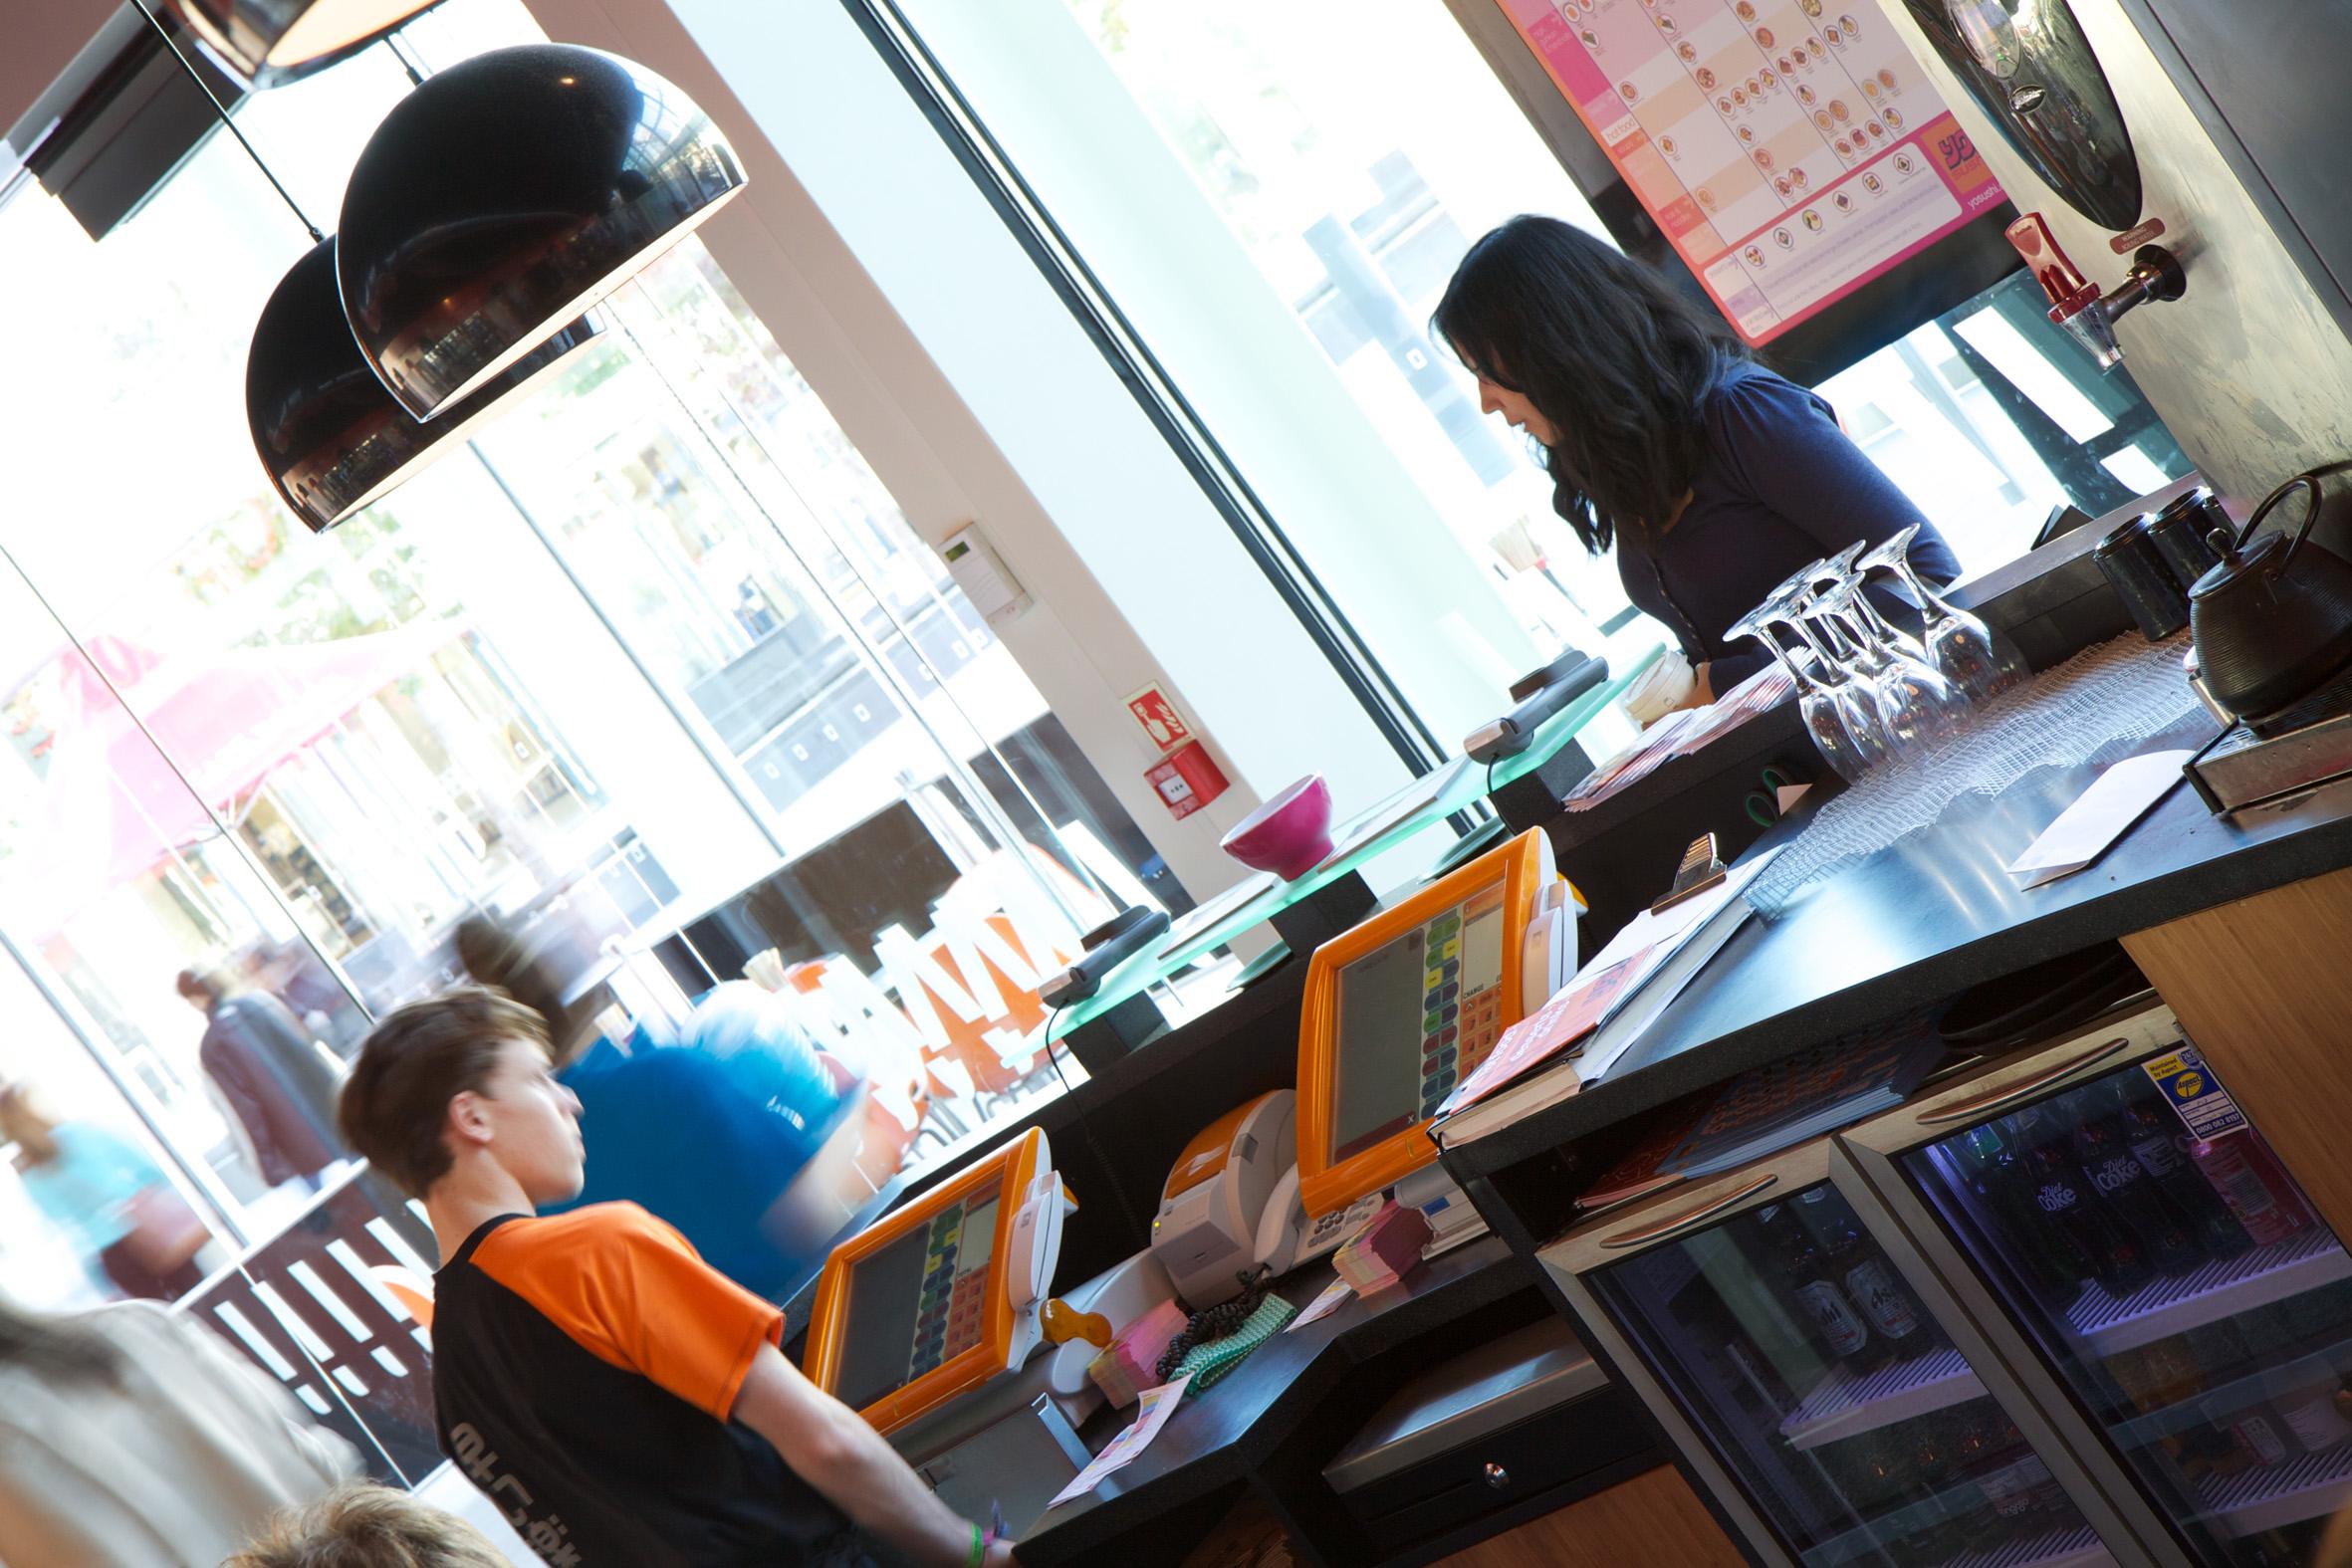 Odyssee Systeme im Schnellrestaurant